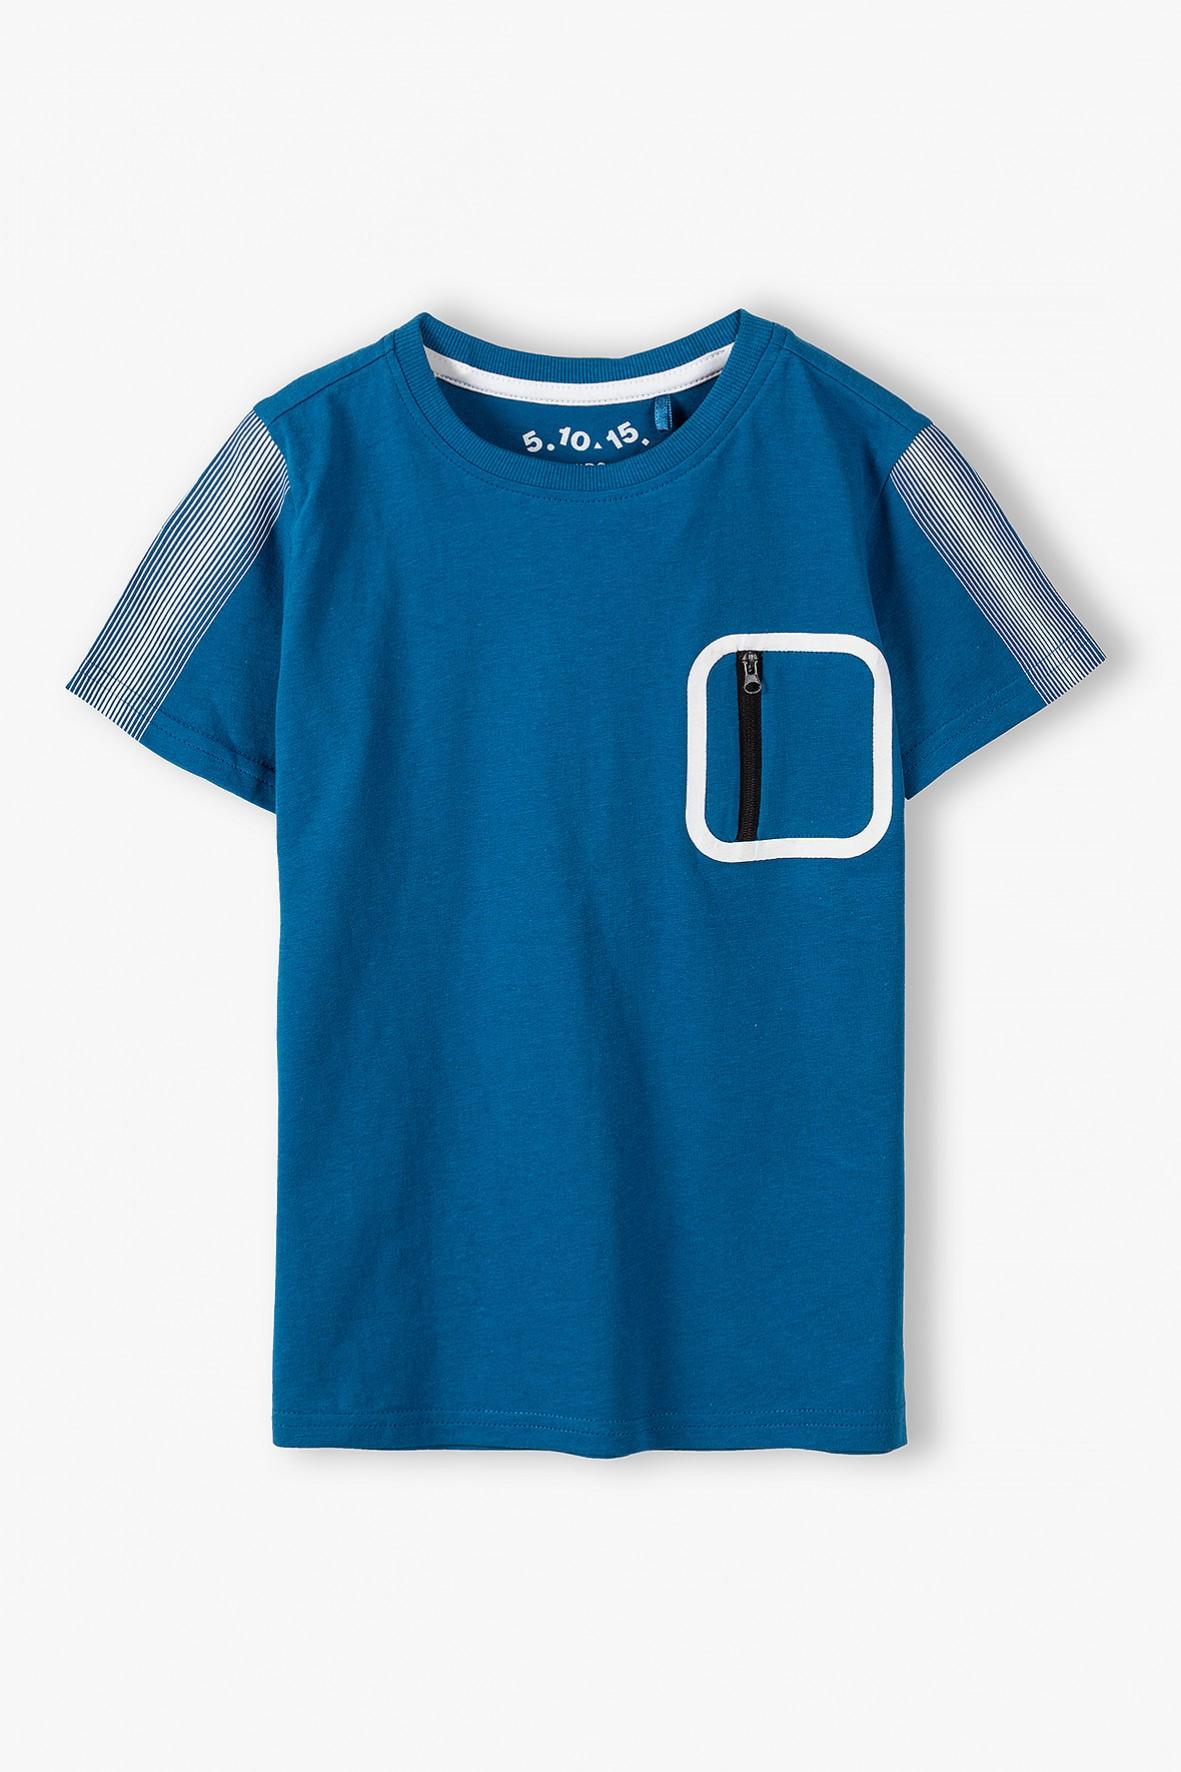 Bawełniany t-shirt chłopięcy w kolorze niebieskim- ozdobna kieszeń